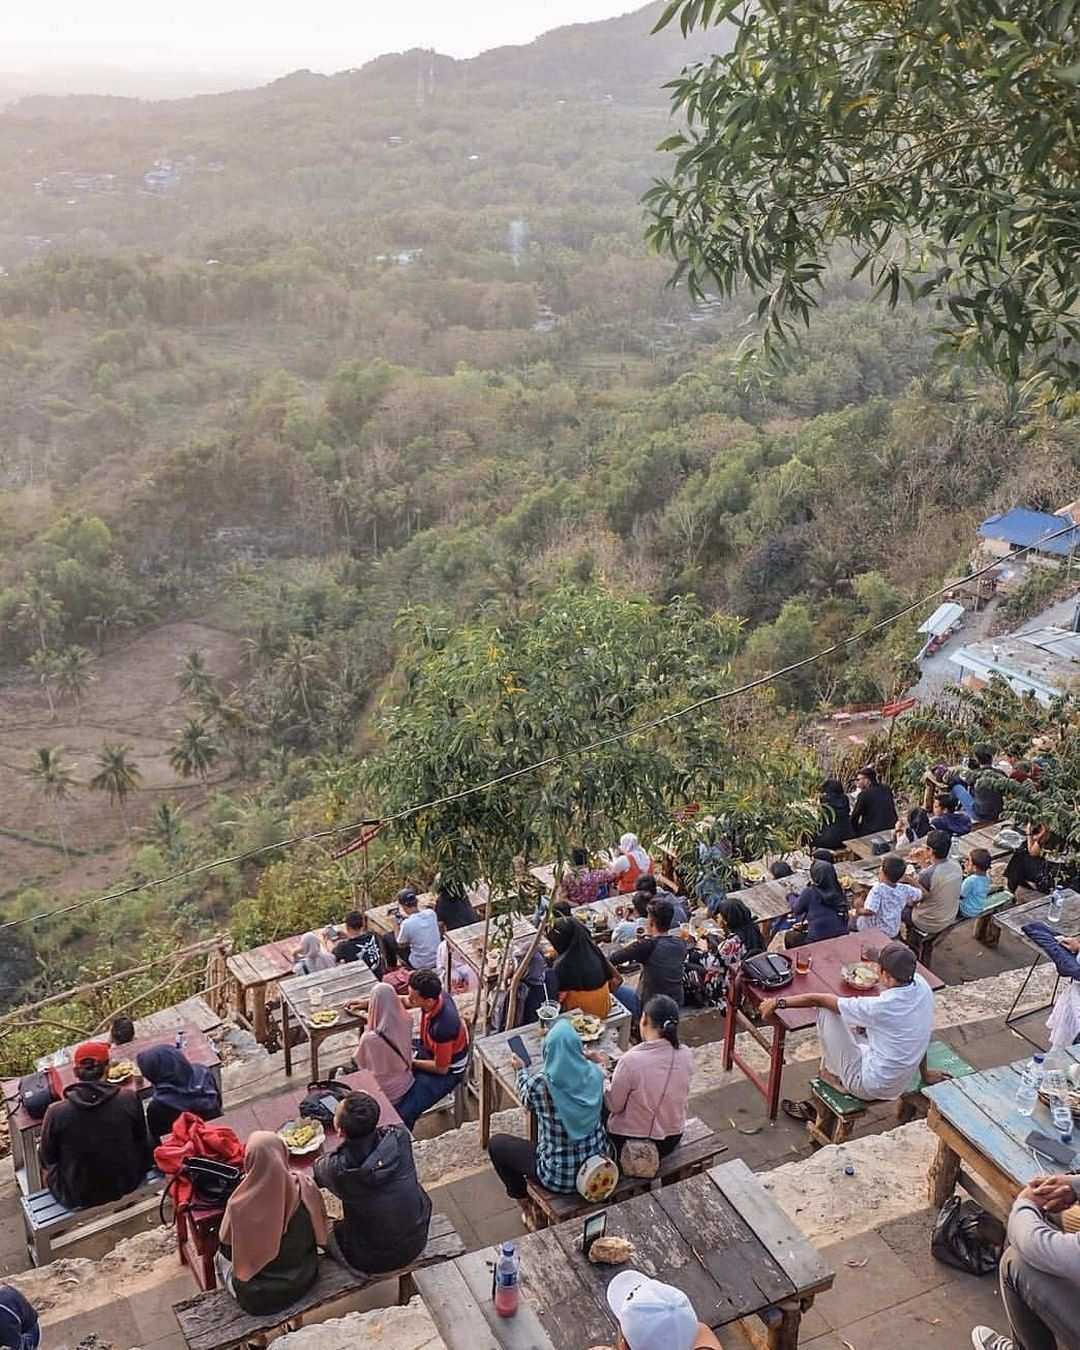 Tempat Duduk dan Tempat Makan di Bukit Paralayang Jogja, Image From @javafoodie